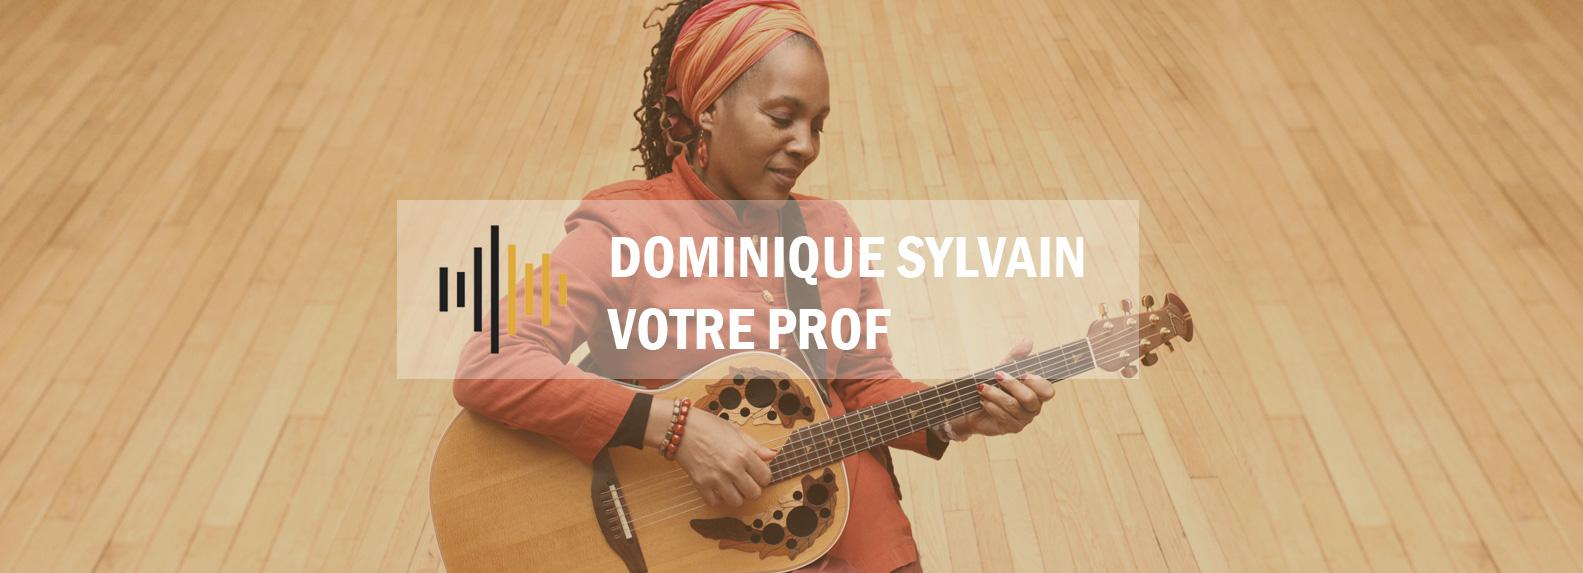 Développez votre technique vocale avec Dominique, votre prof de chant en ligne